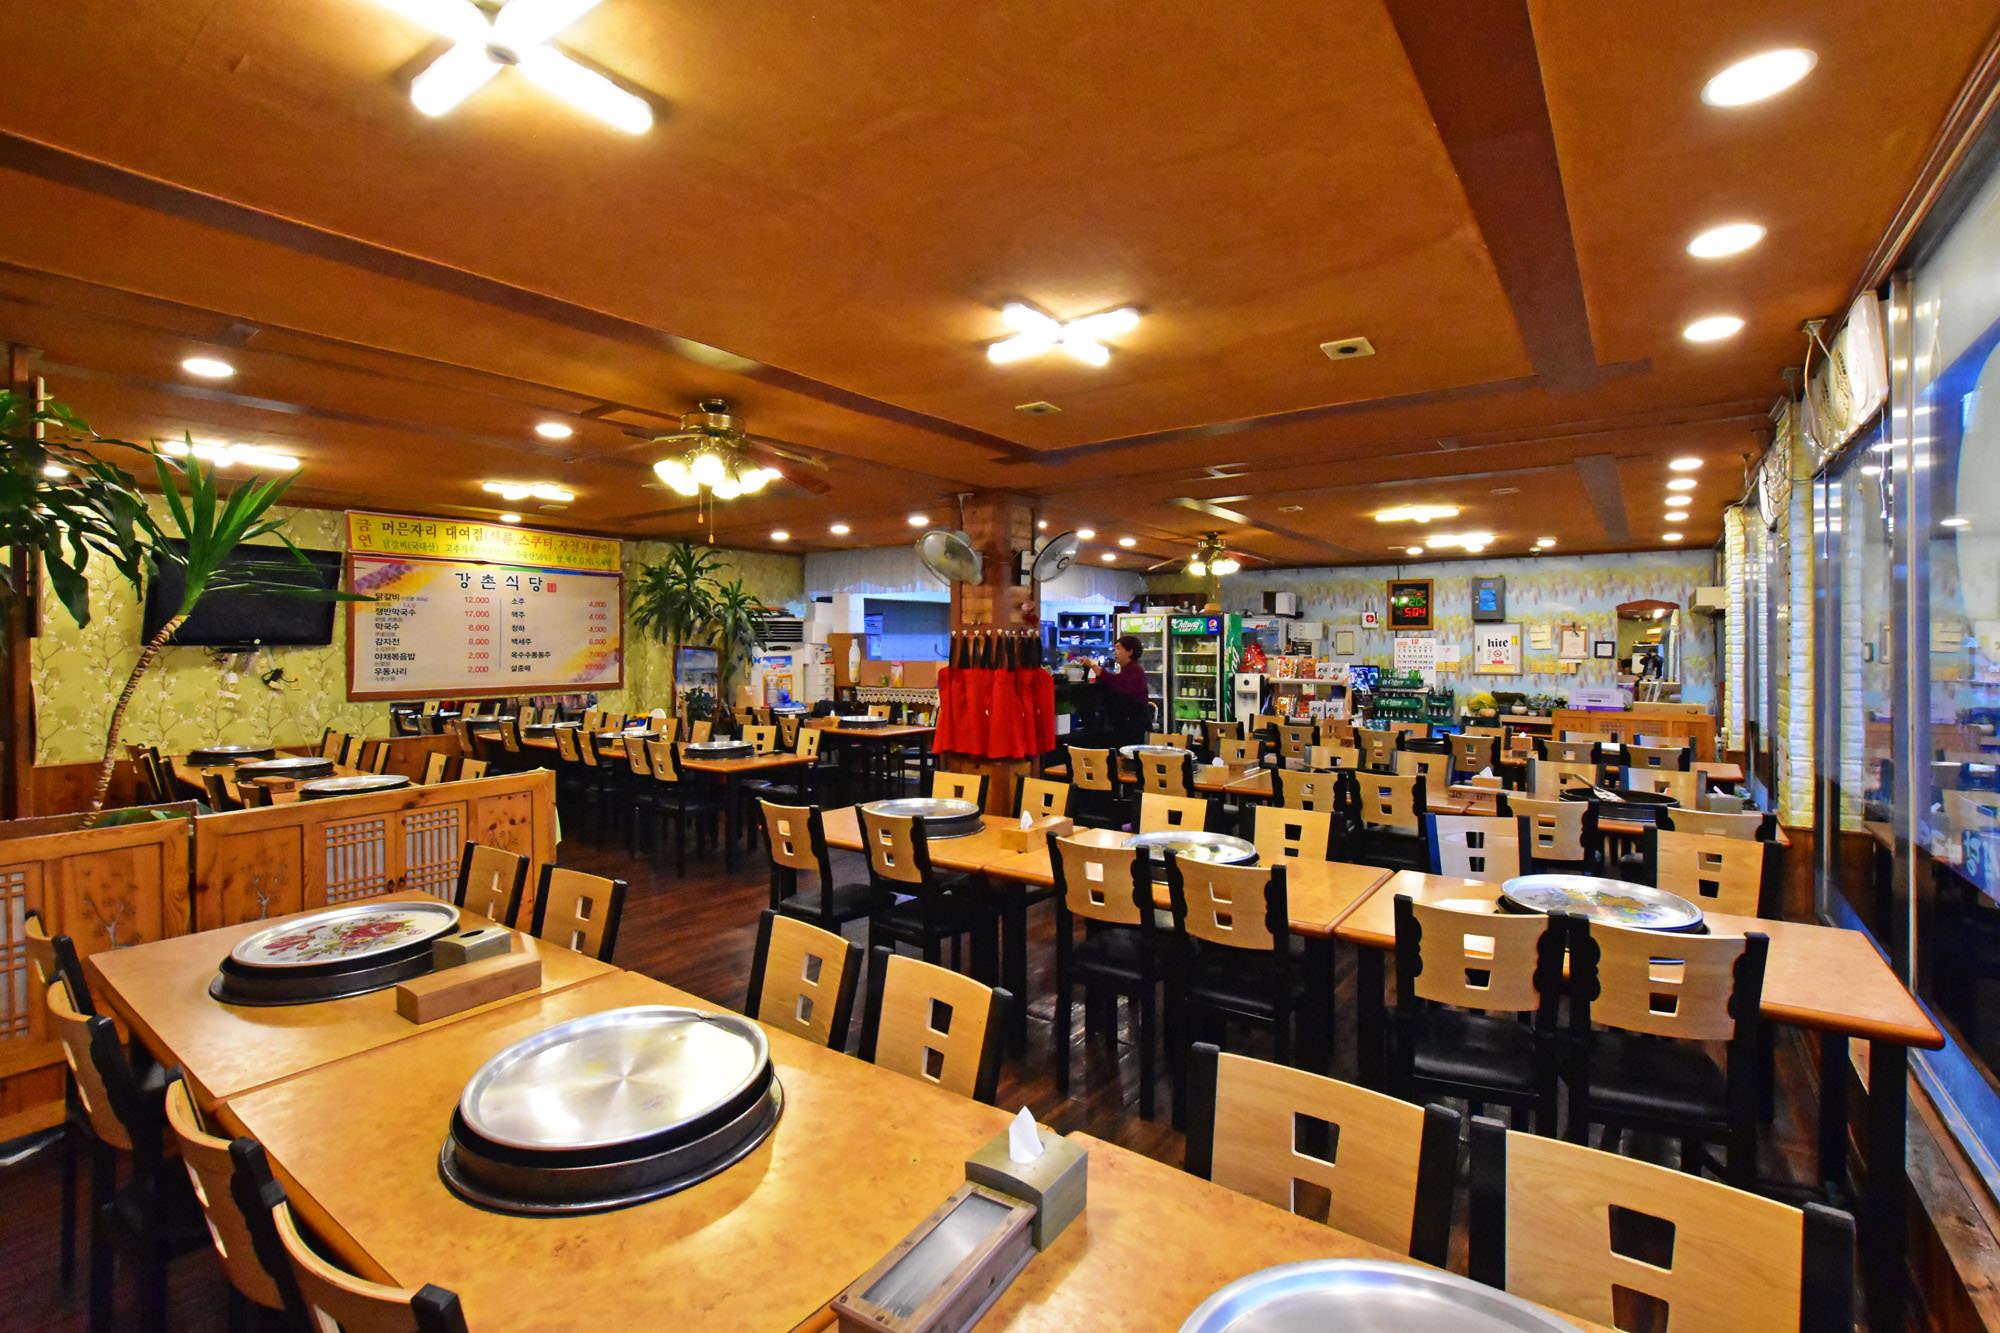 강촌식당 이미지 2